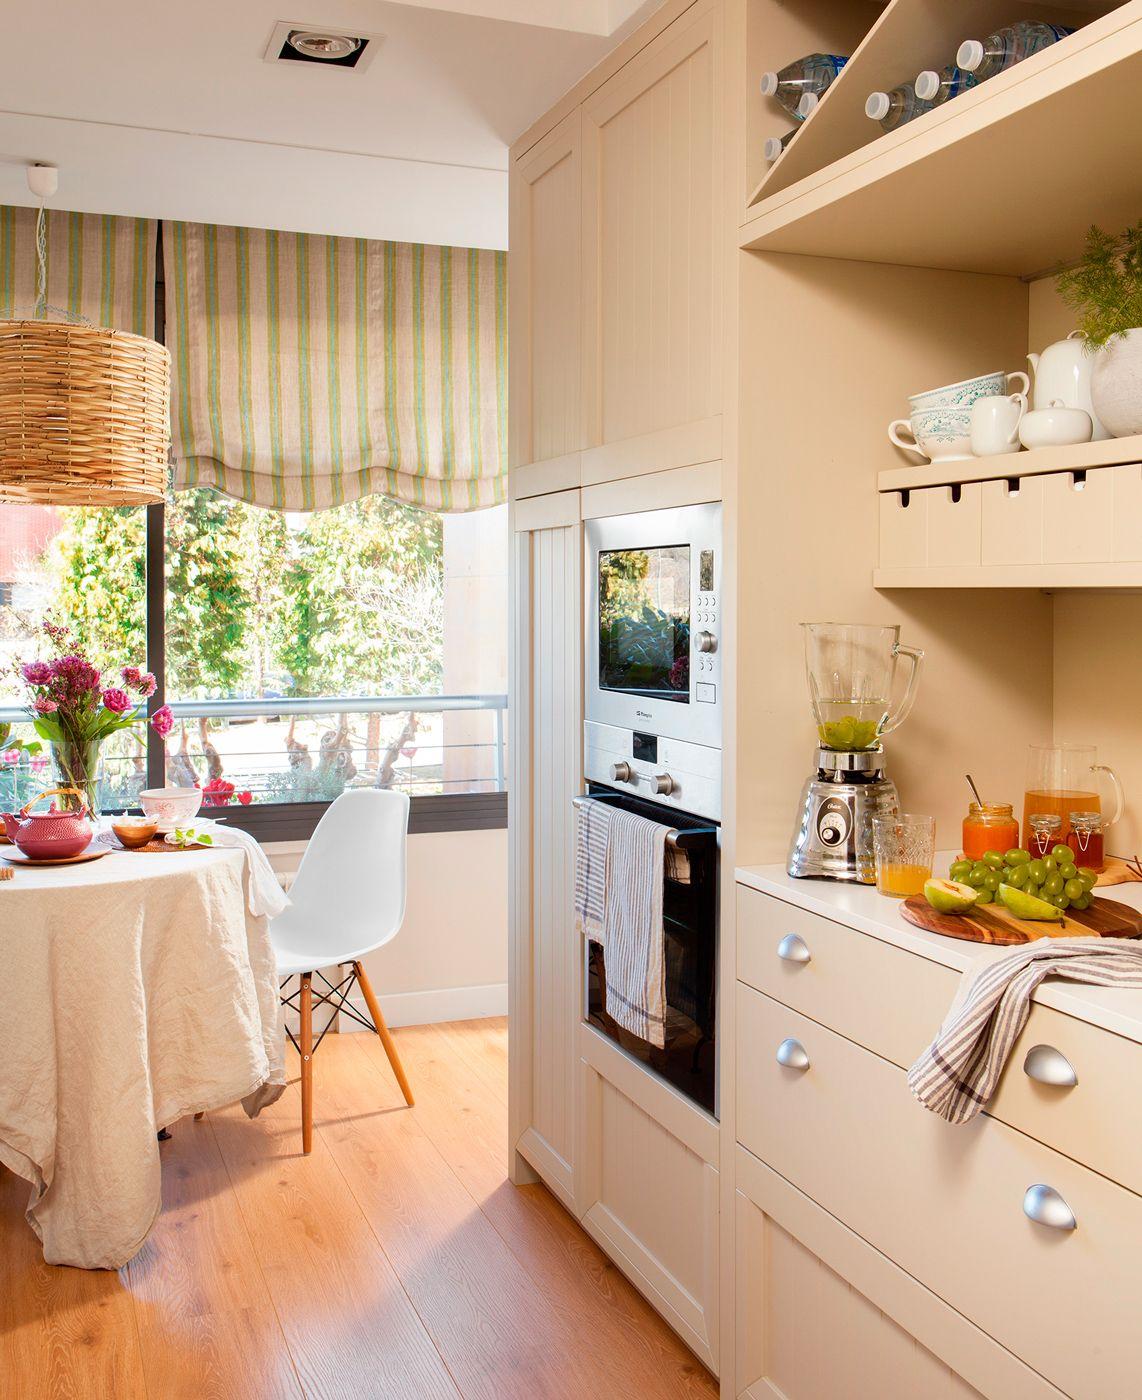 Cocinaoffice con mueble panelado y tiradores peque os cajones suelo de parquet y mesa con sila - Cocinas con parquet ...